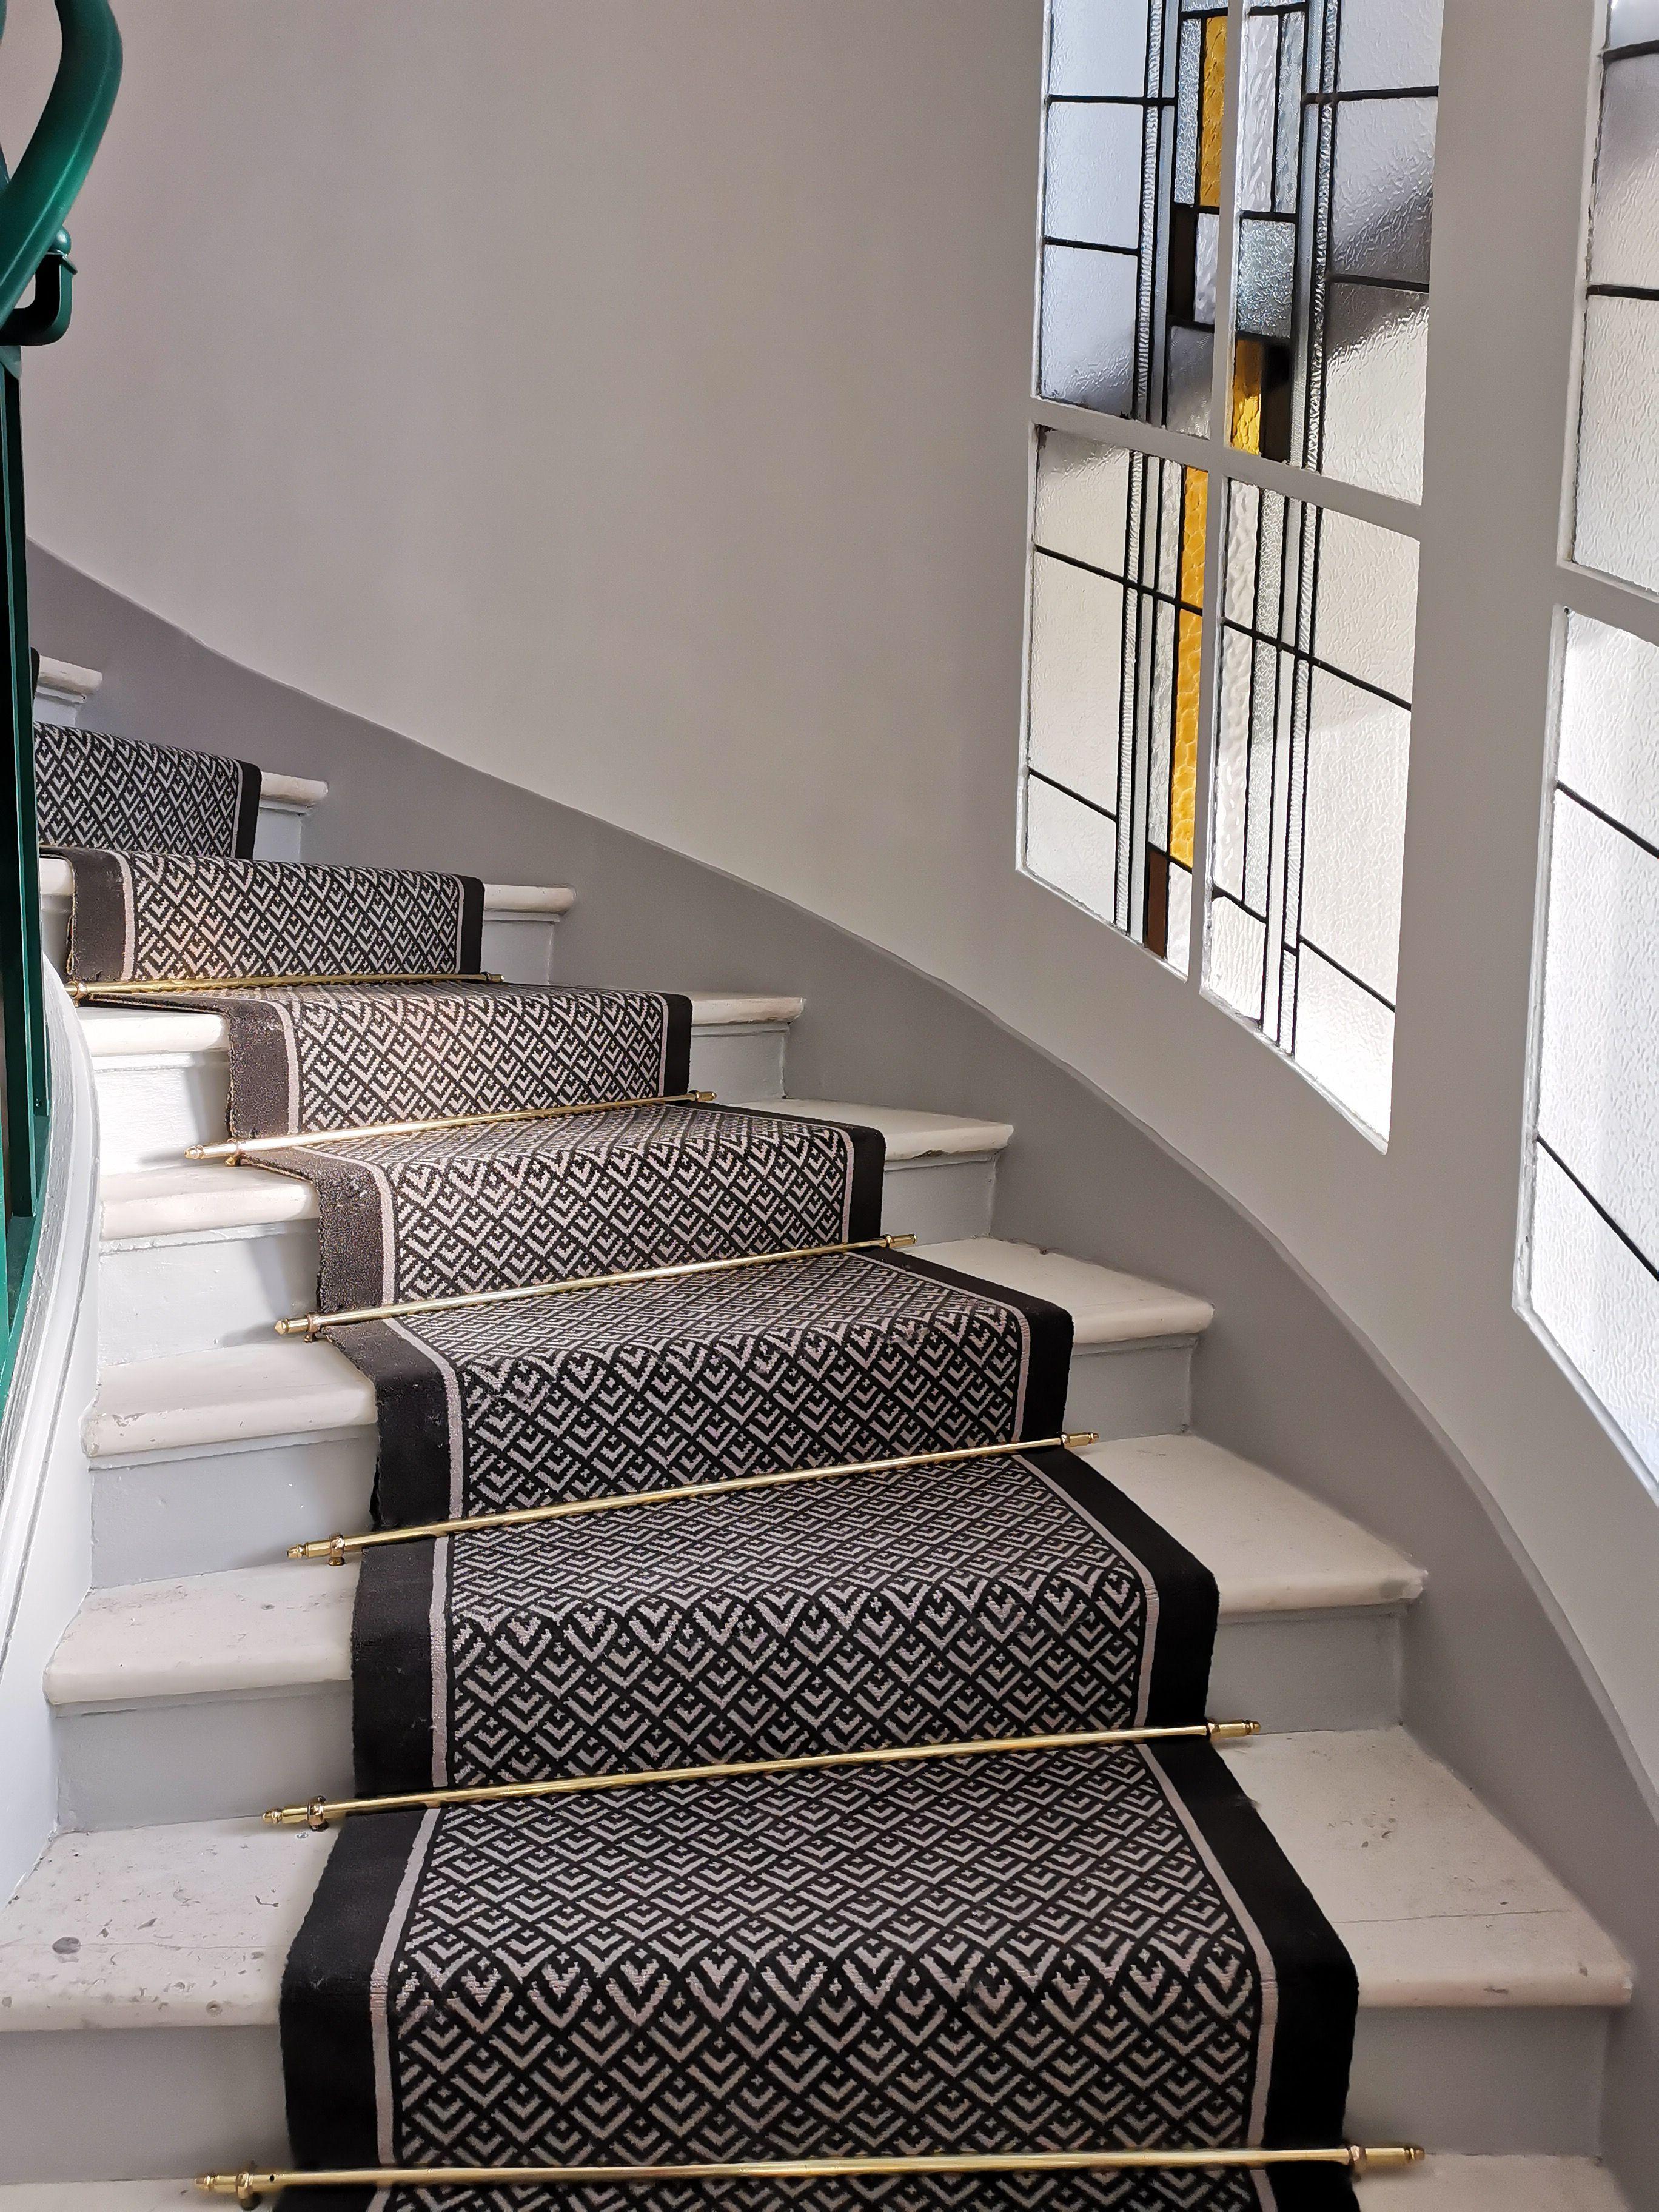 epingle sur tapis d escalier dmt